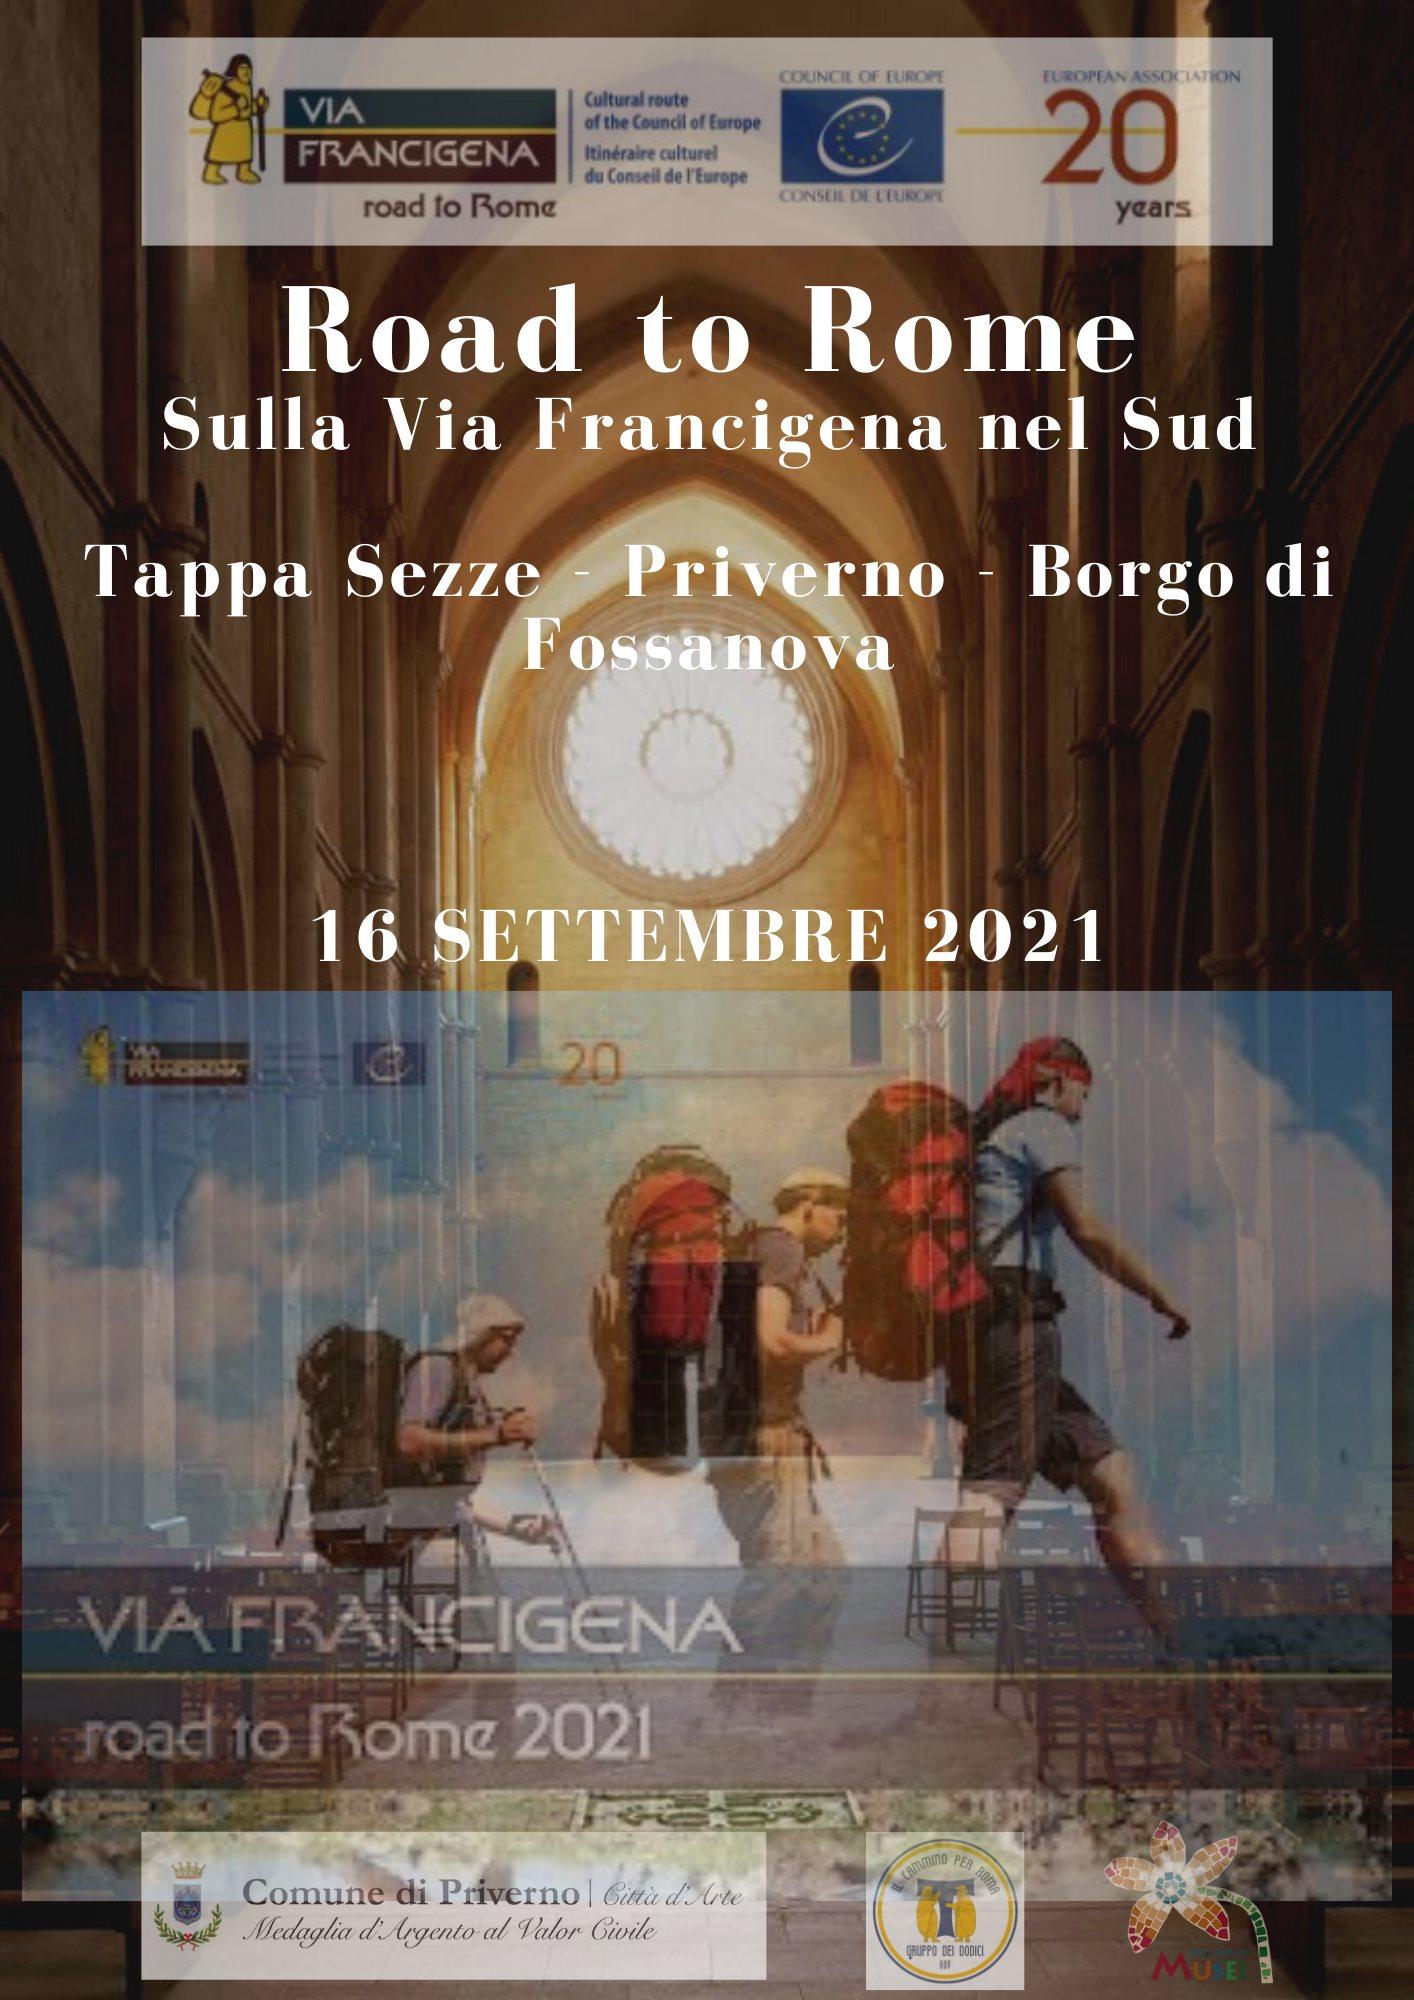 Priverno - Borgo Fossanova: Road to Rome sulla Via Francigena del sud 2021 @ Sezze